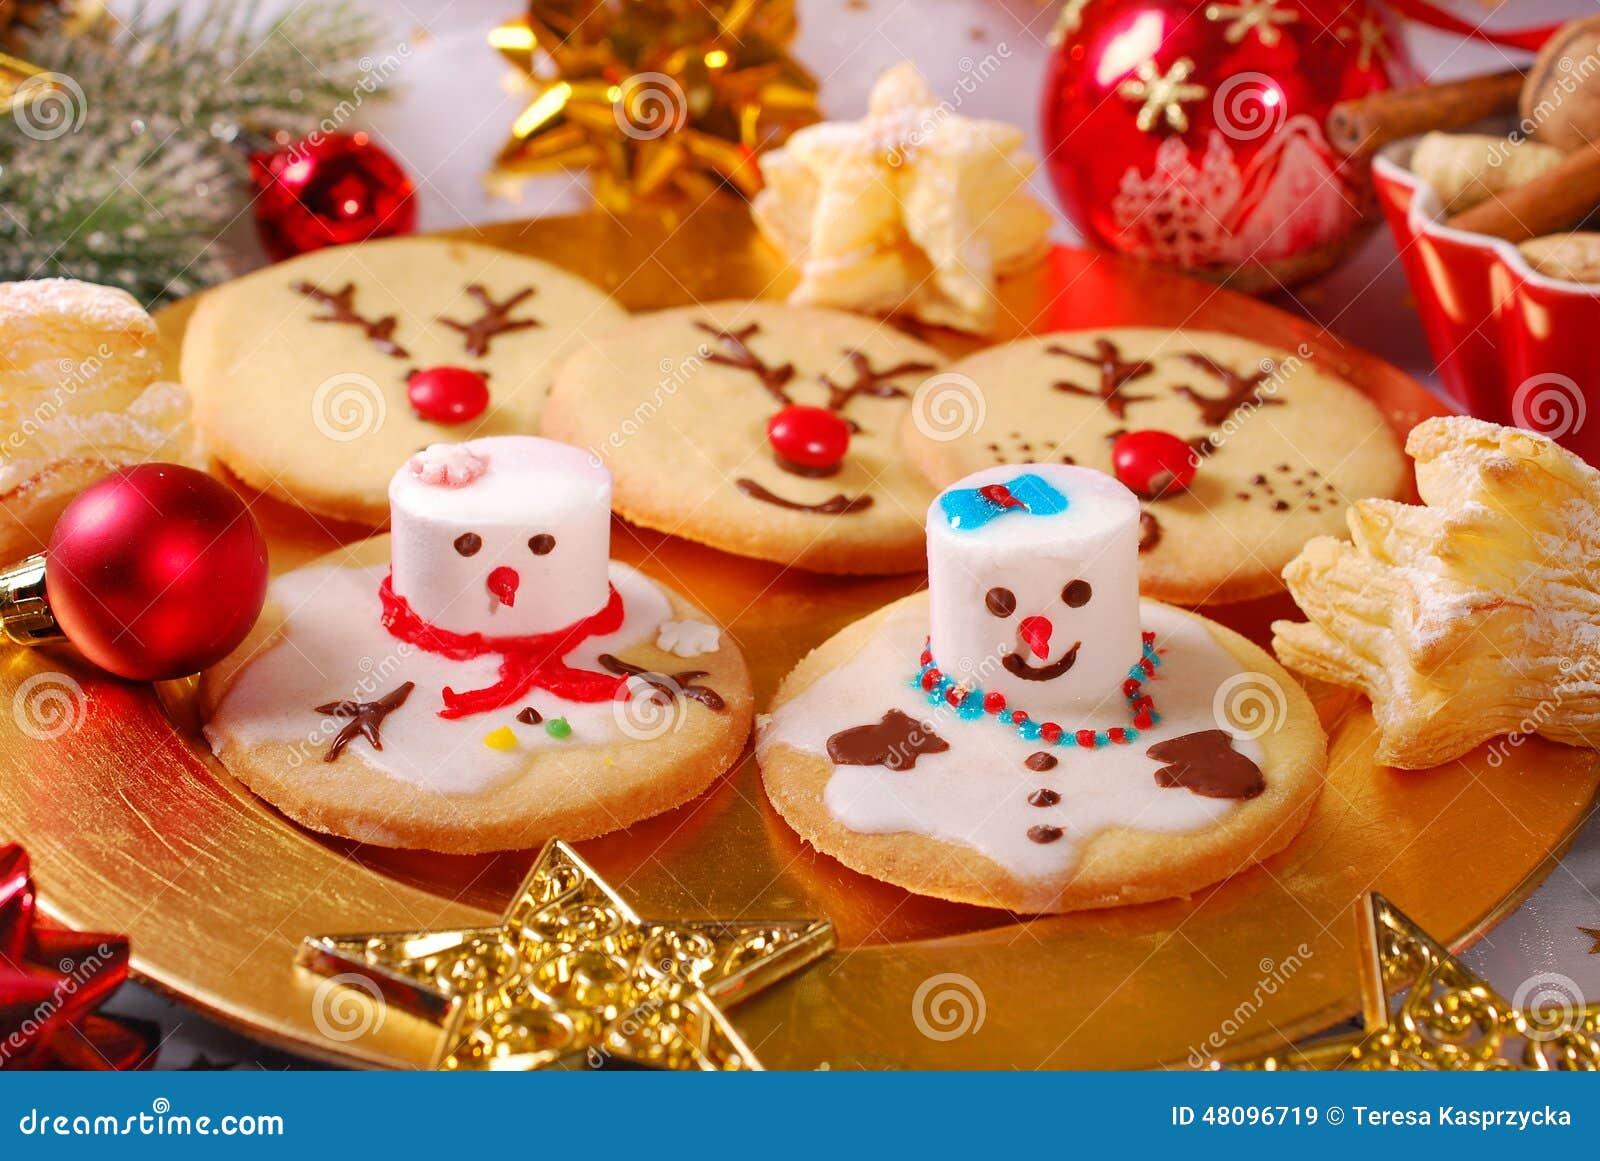 Kinder Weihnachtskekse.Lustige Weihnachtsplätzchen Gemacht Von Den Kindern Stockbild Bild